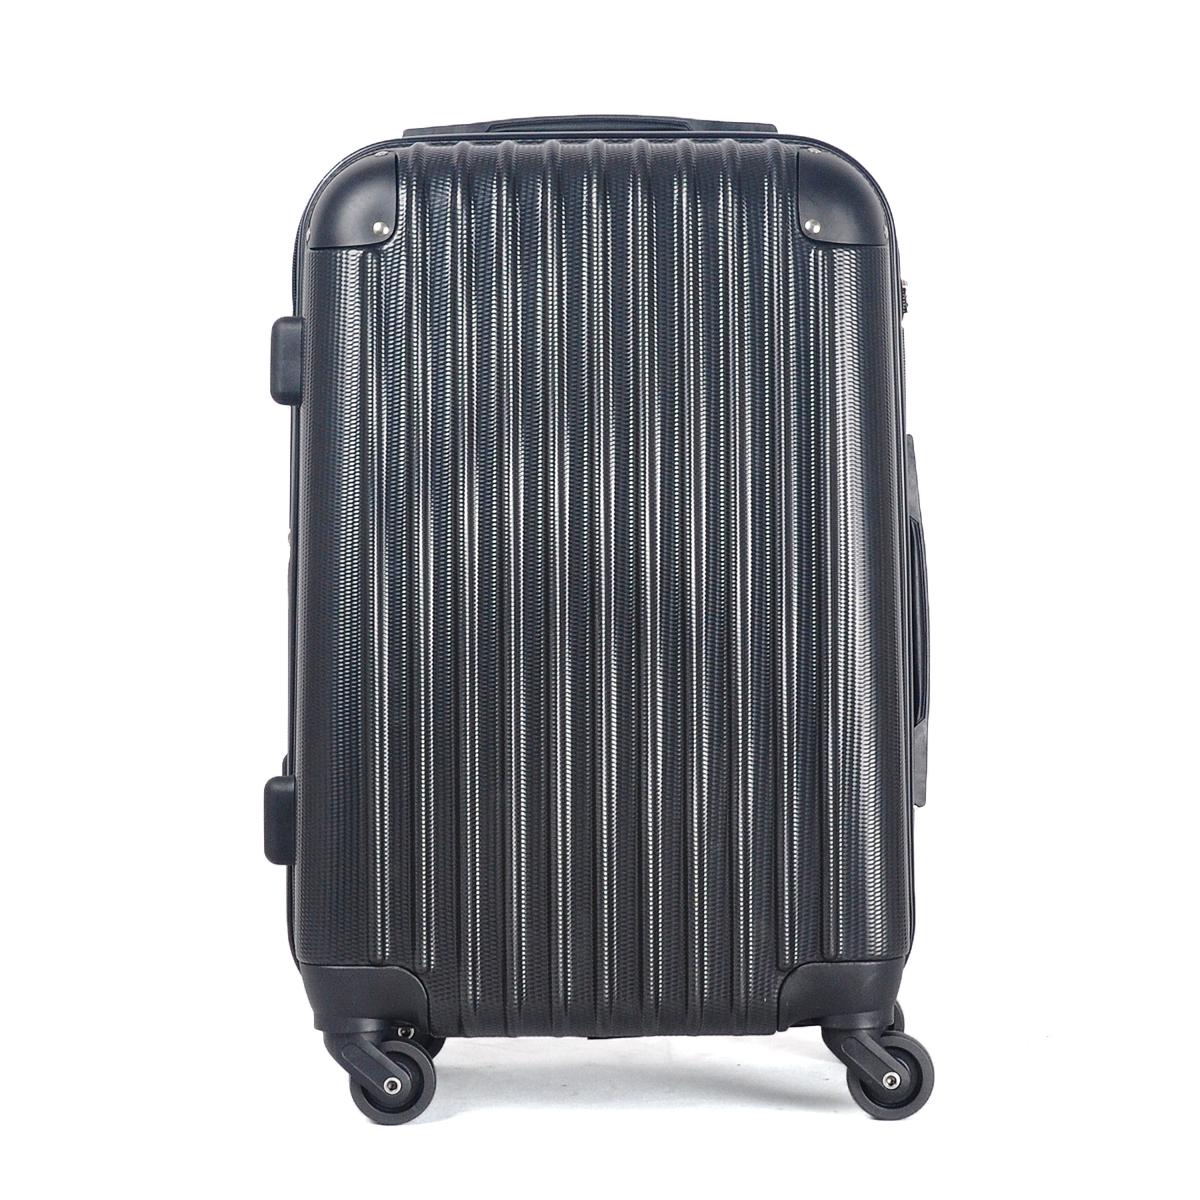 大型軽量スーツケース キャリーバッグ TSAロック付き Lサイズ 黒_画像3